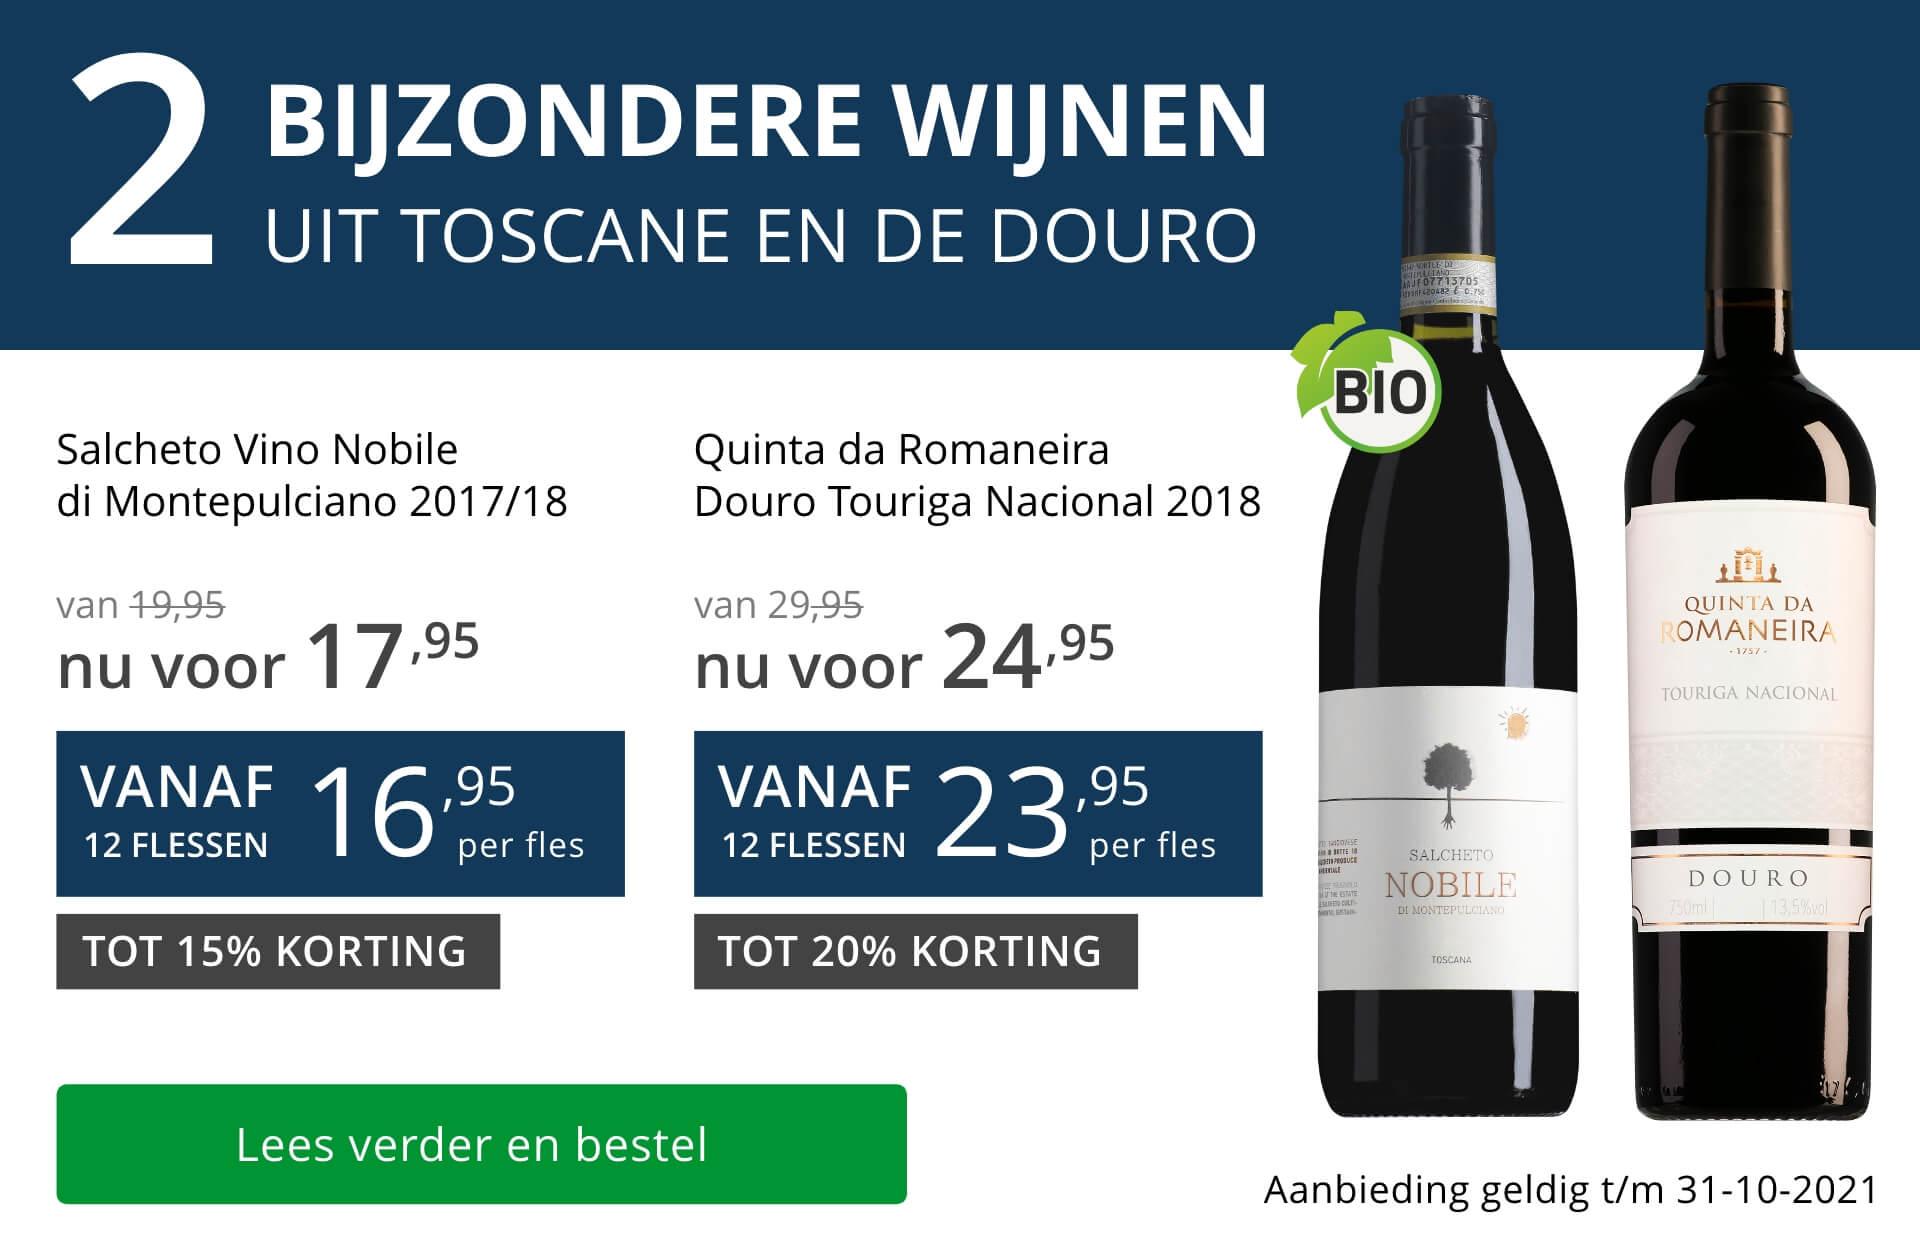 Twee bijzondere wijnen oktober 2021 - blauw